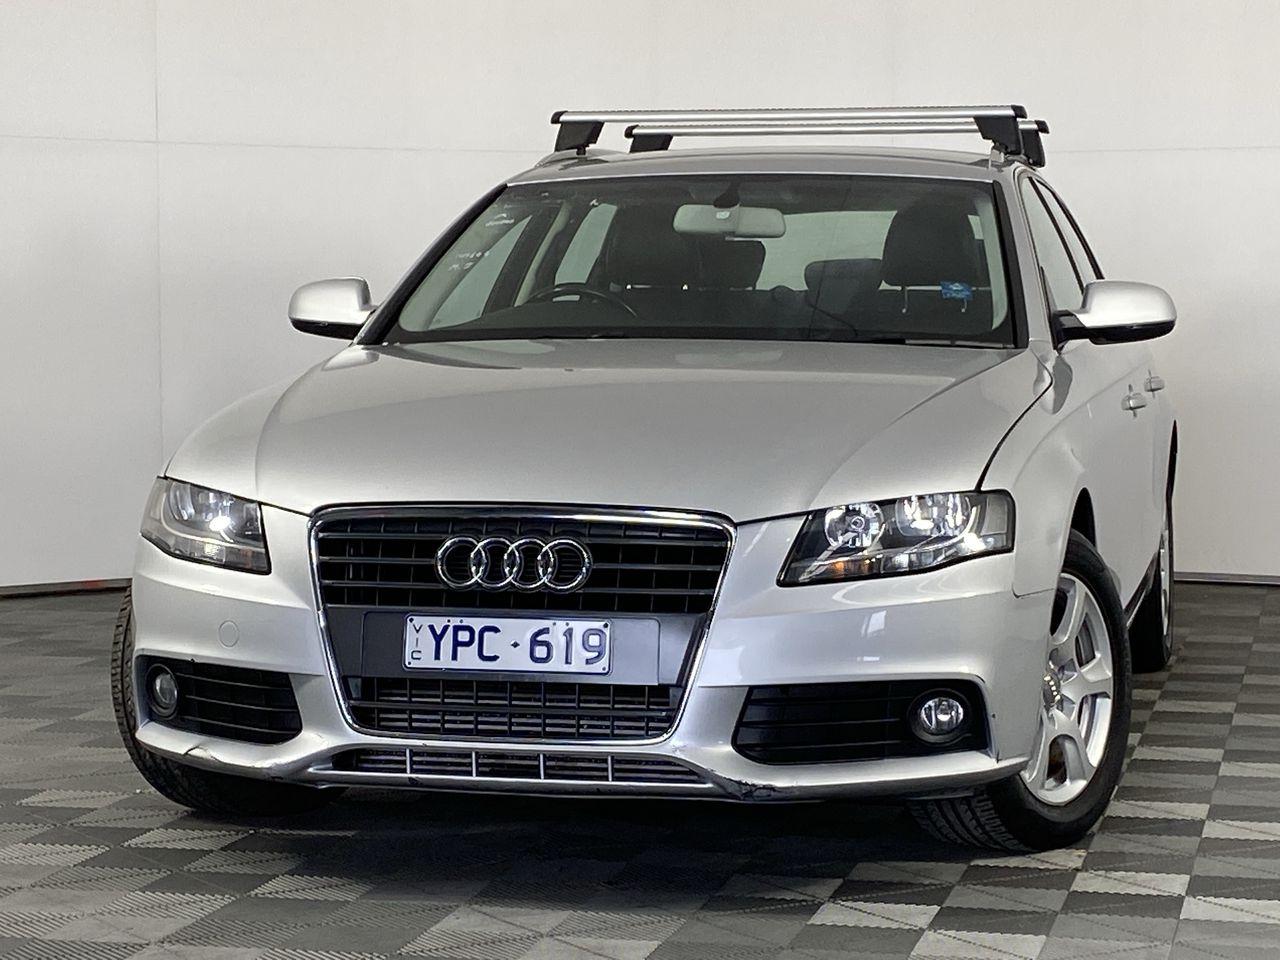 2011 Audi A4 1.8 TFSI Avant B8 CVT Wagon